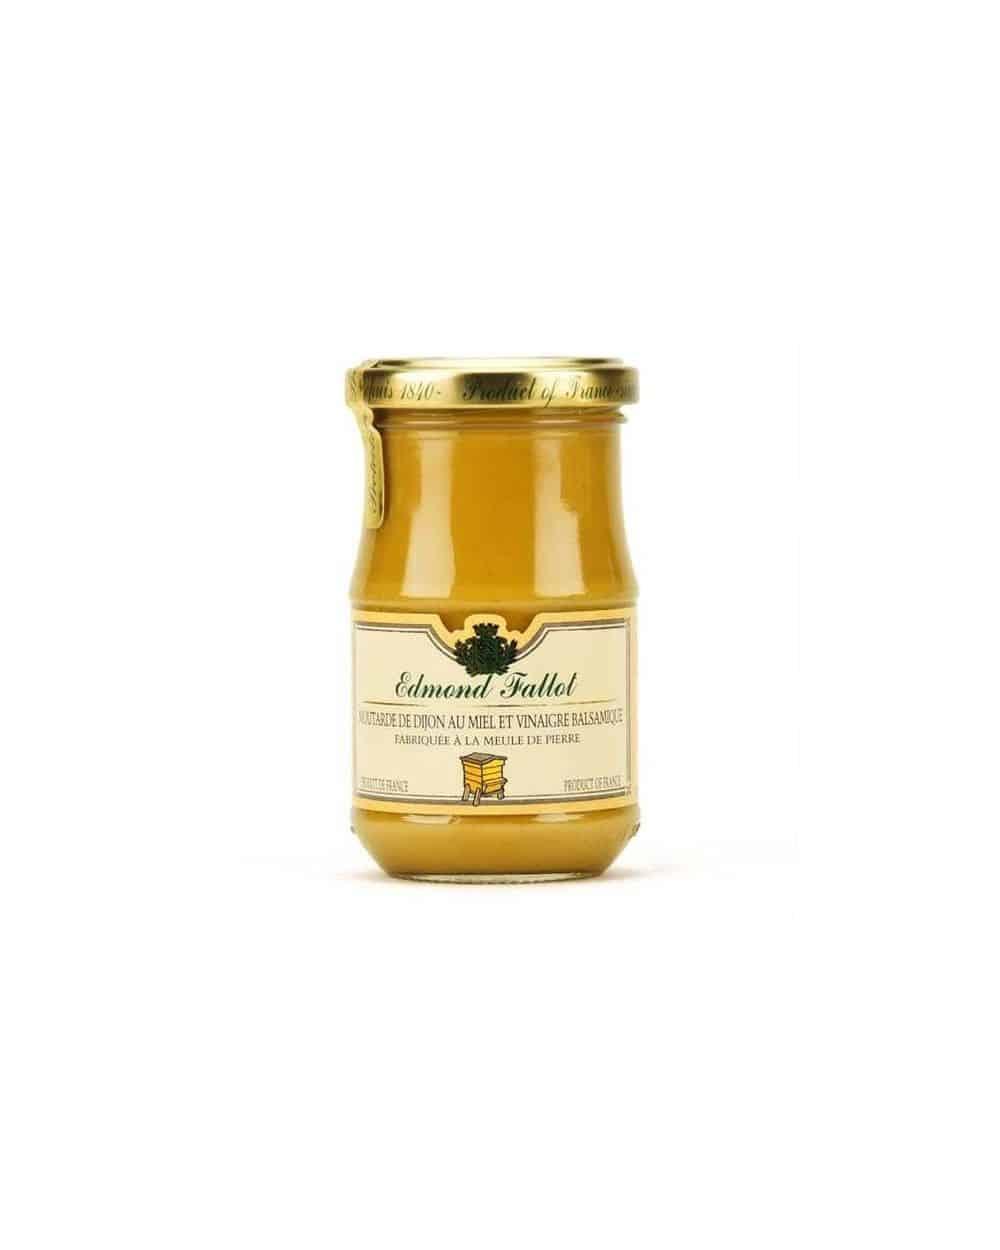 Moutarde de Dijon au miel et vinaigre balsamique 210g